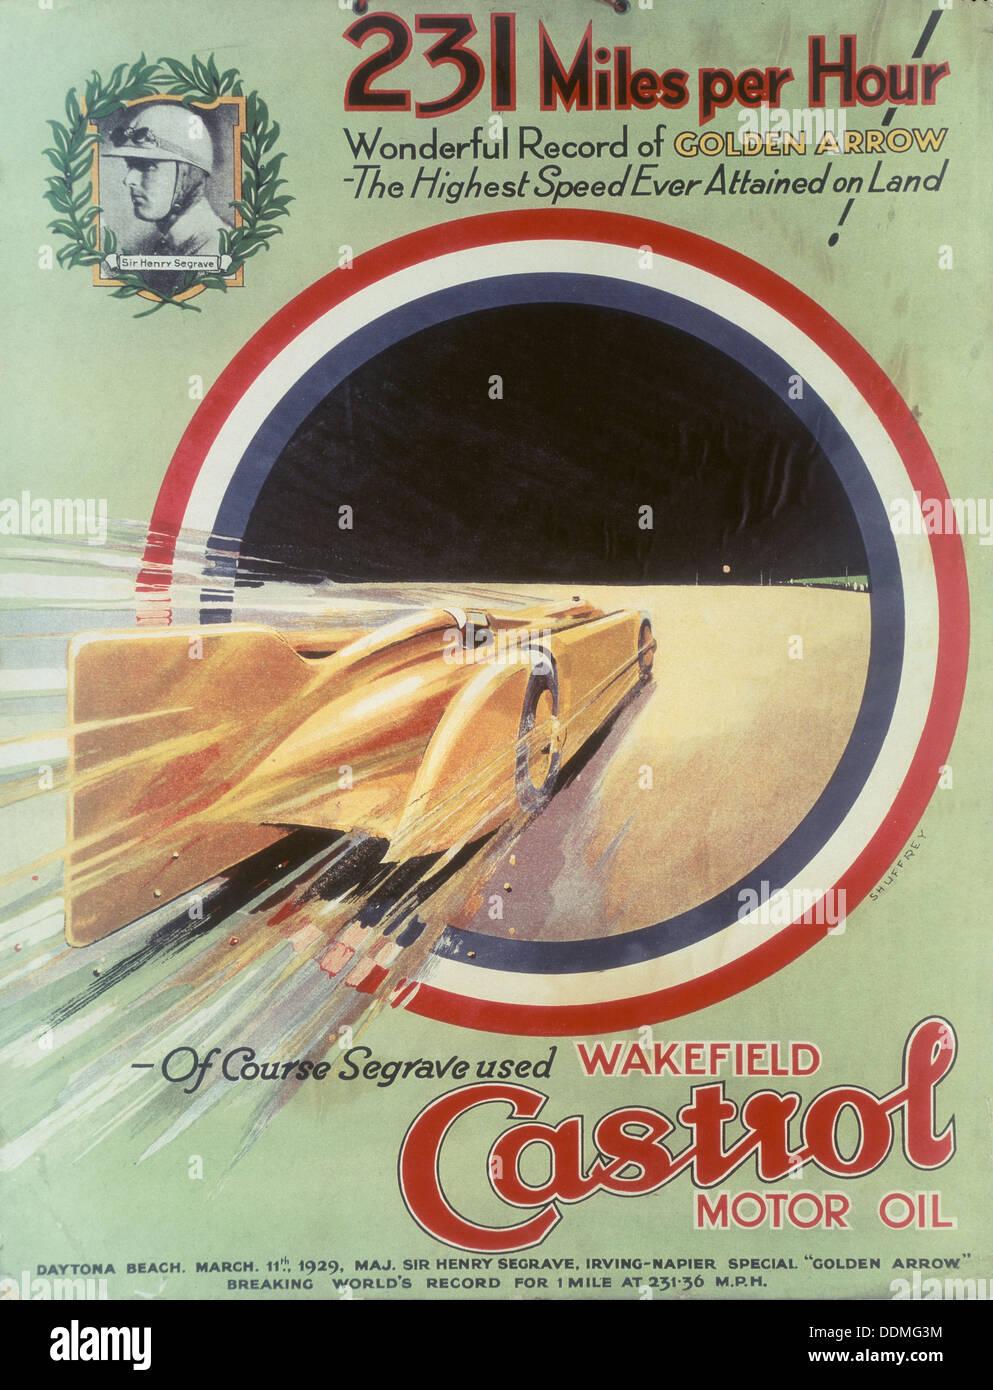 Affiche publicitaire de l'huile moteur Castrol. Photo Stock